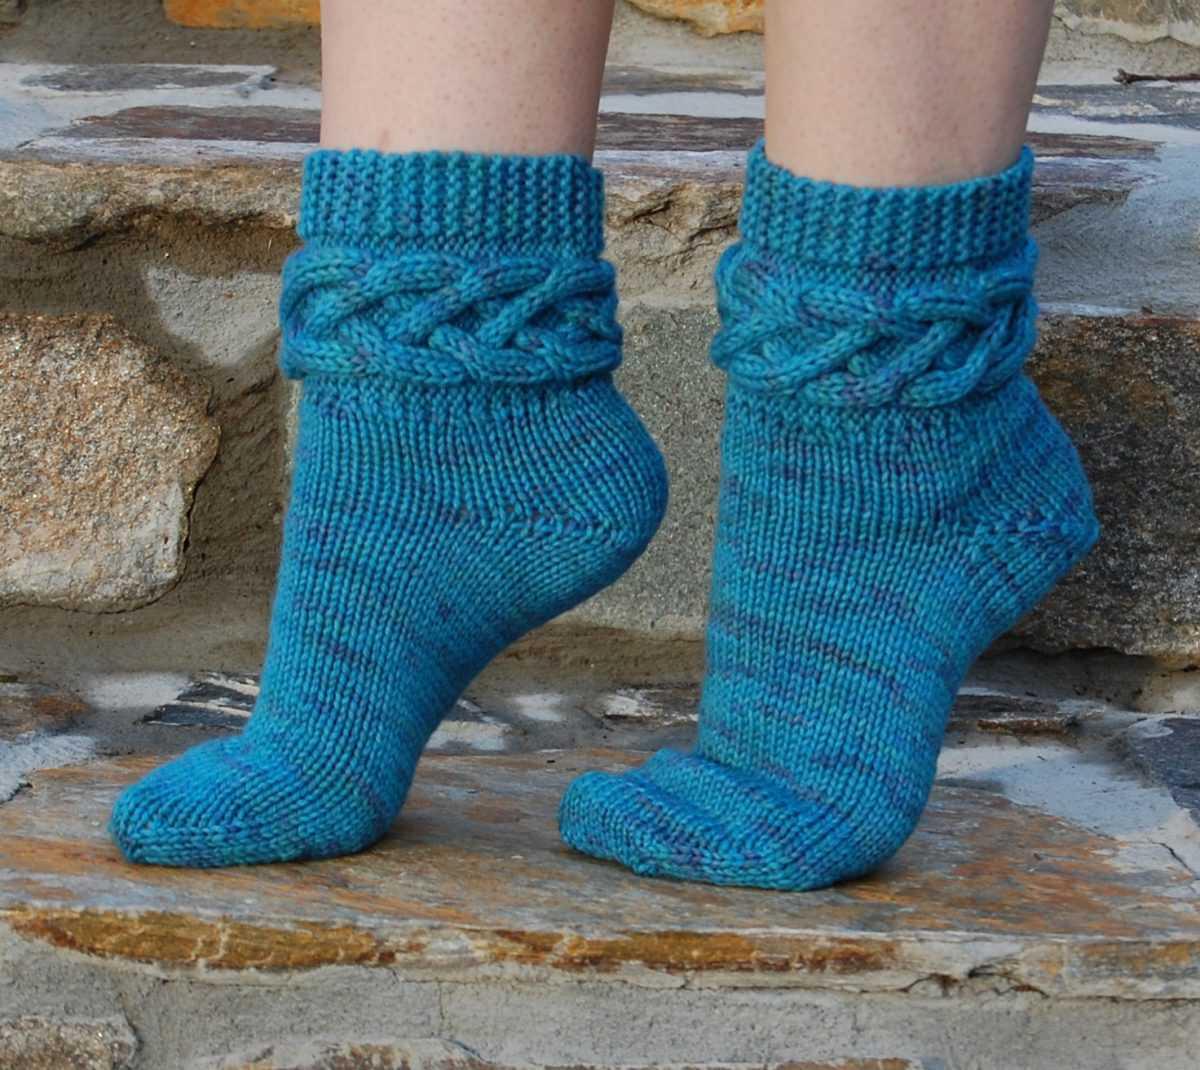 вязание носков на 5 спицах по мастер классу фото и схемы